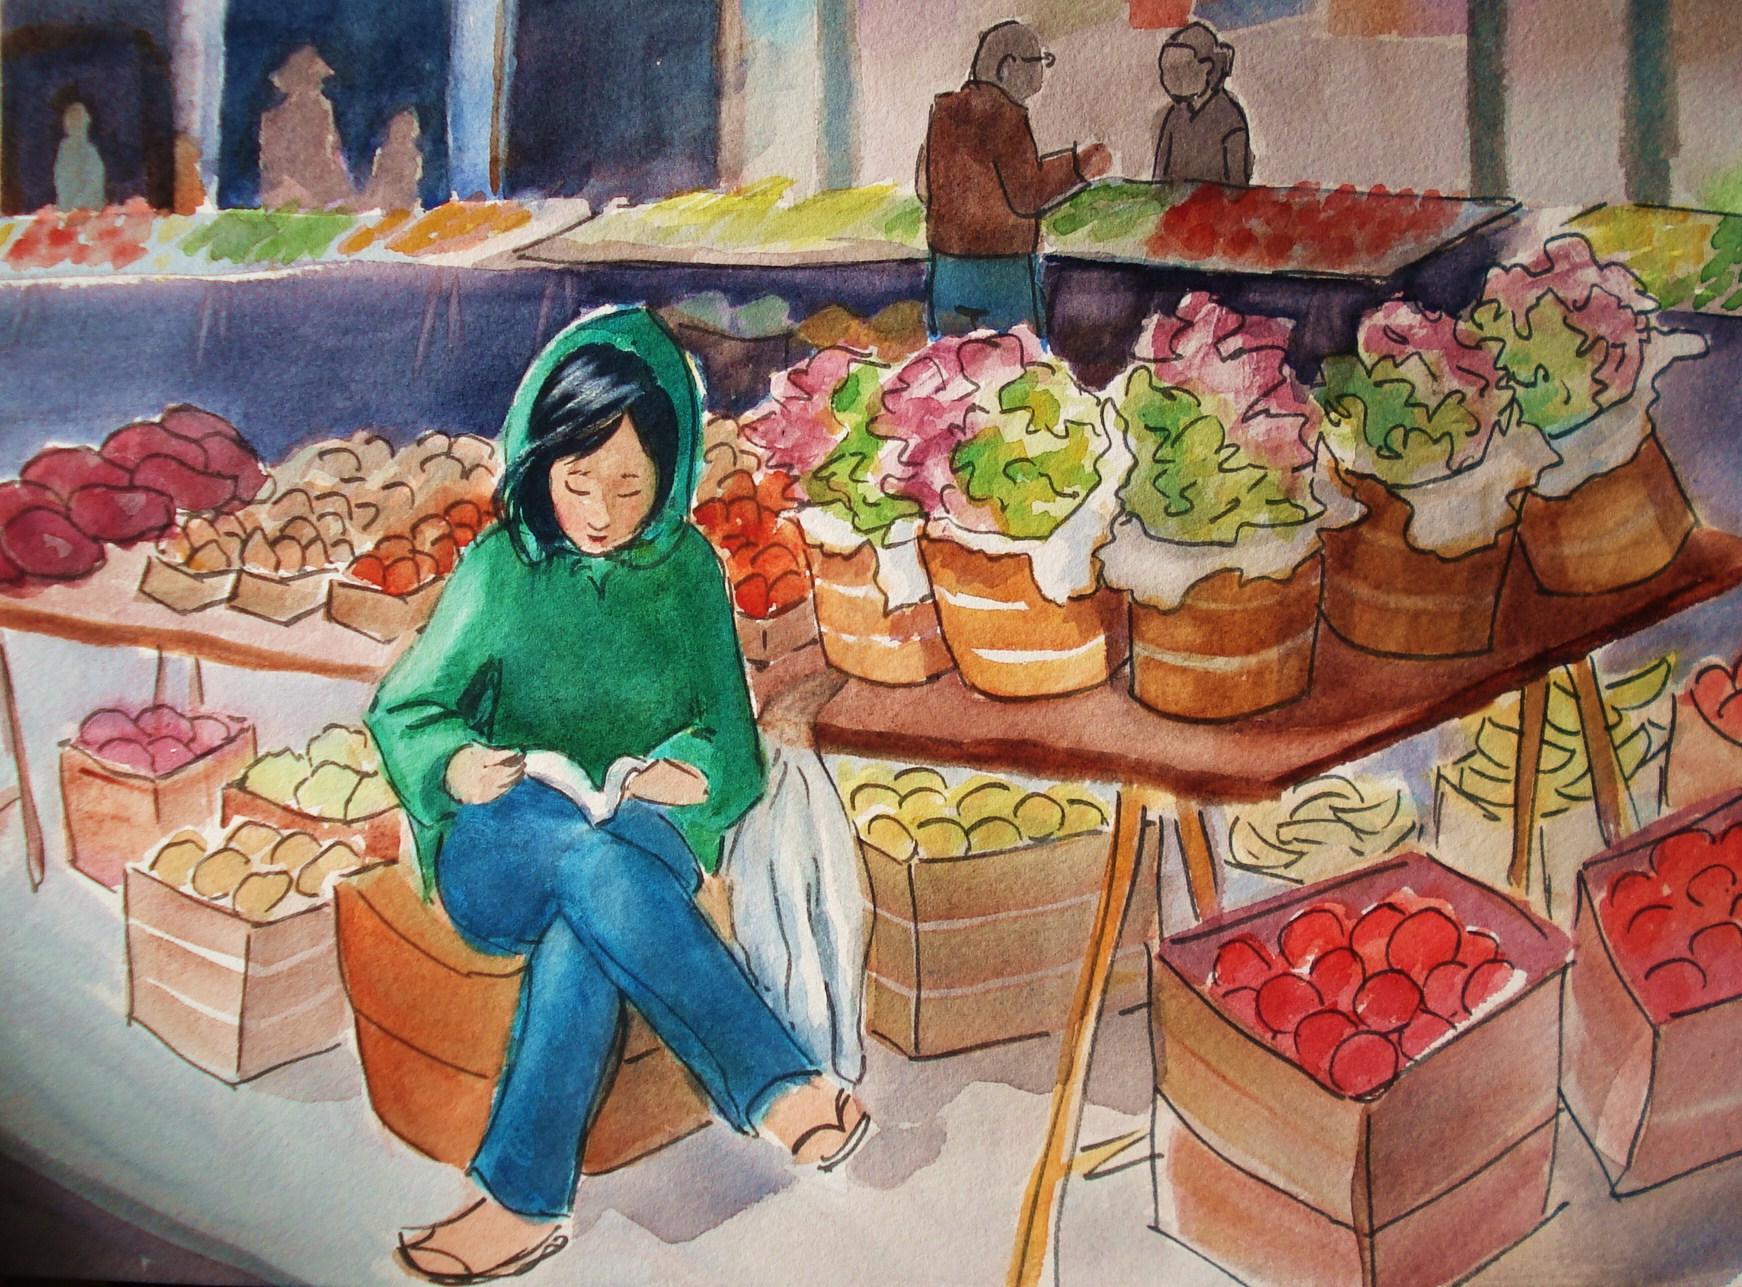 Любимому, открытки продавцу овощей